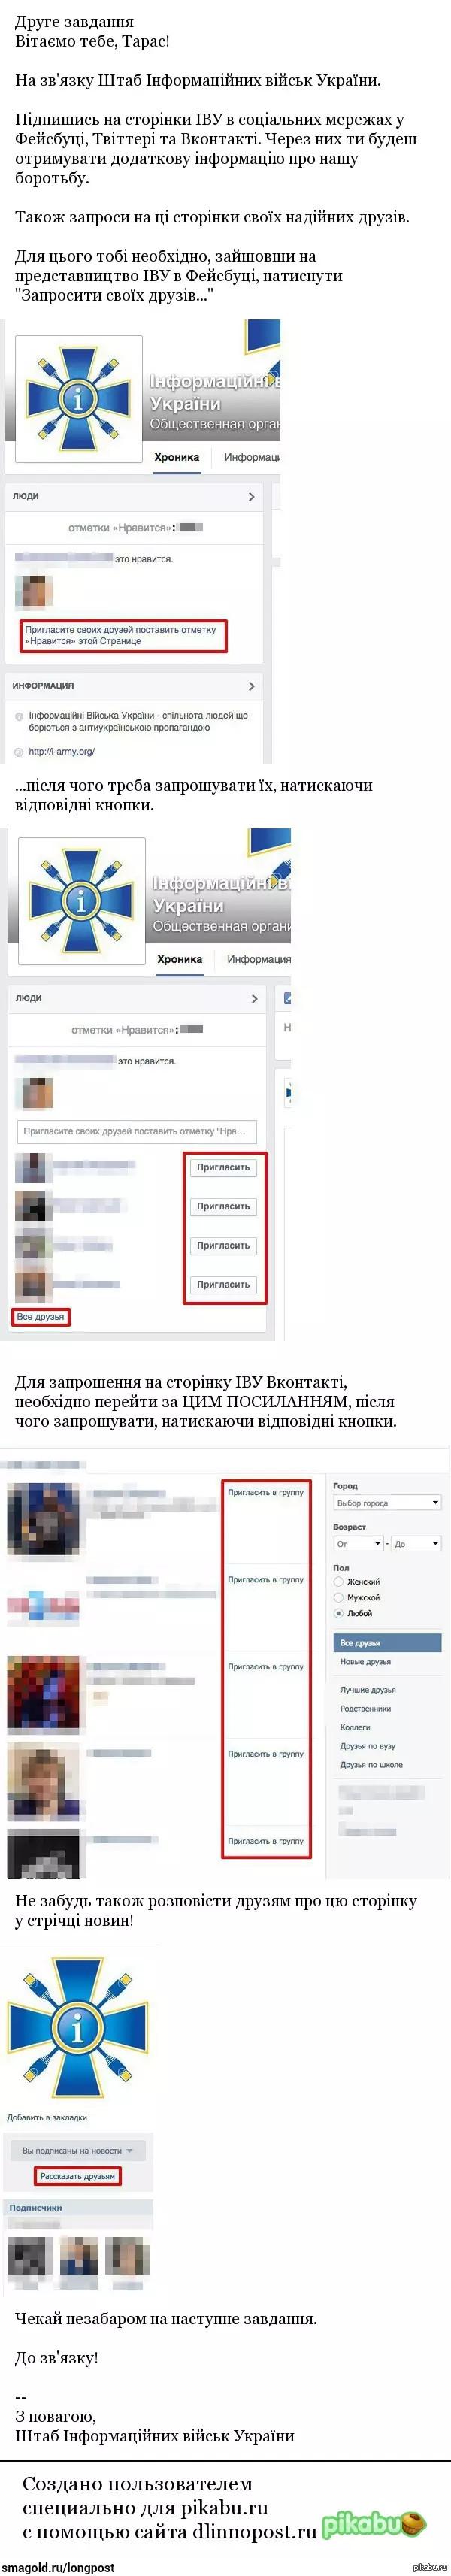 Информационные войска украины Внедрился, несу службу, денег пока ещё не предложили... Надо поднять вопрос на партсобрании. http://i-army.org